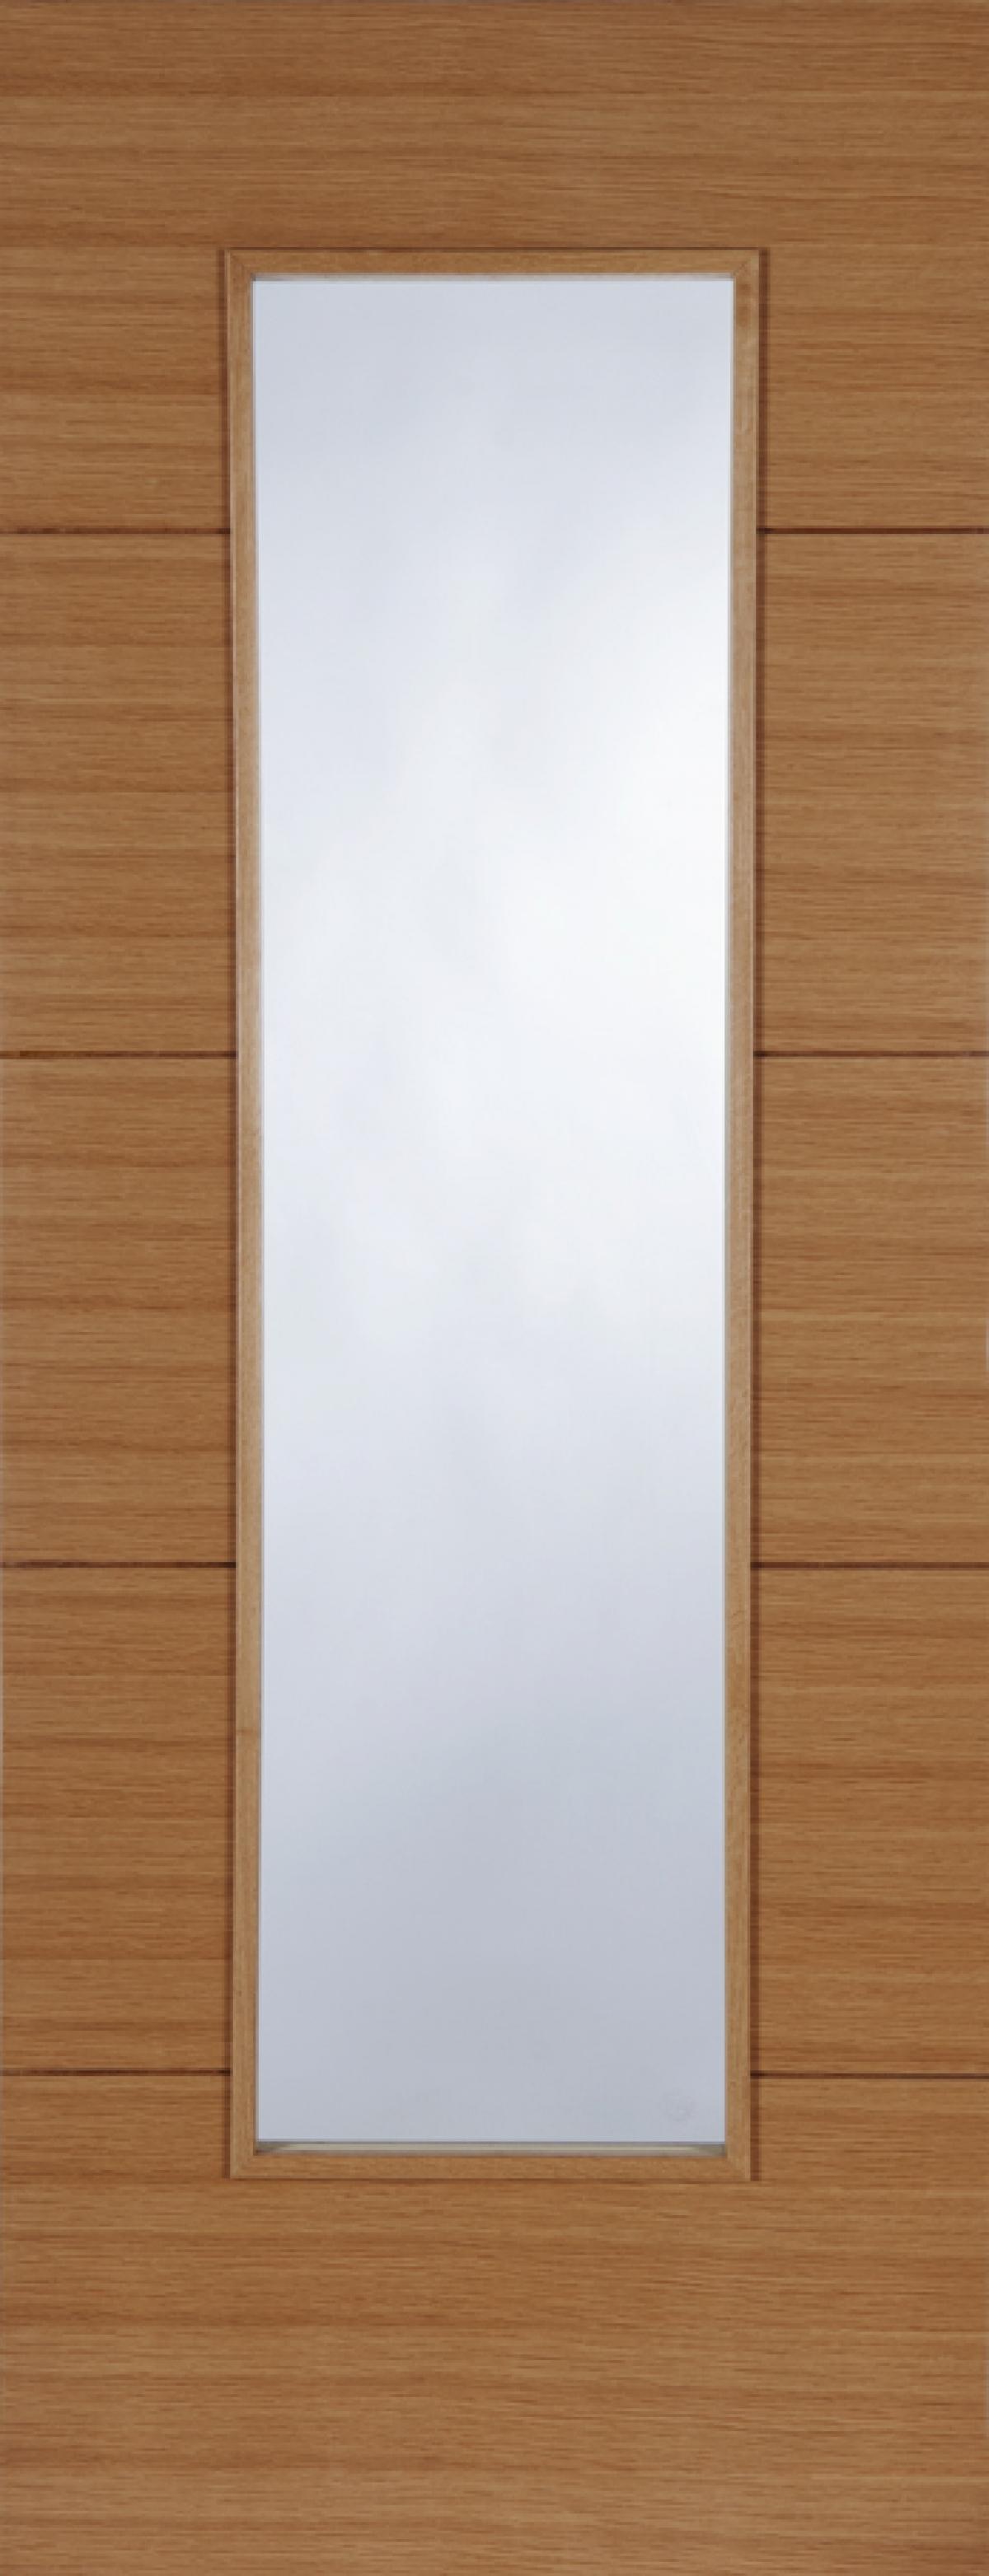 Oak Orta 1 Light - Prefinished